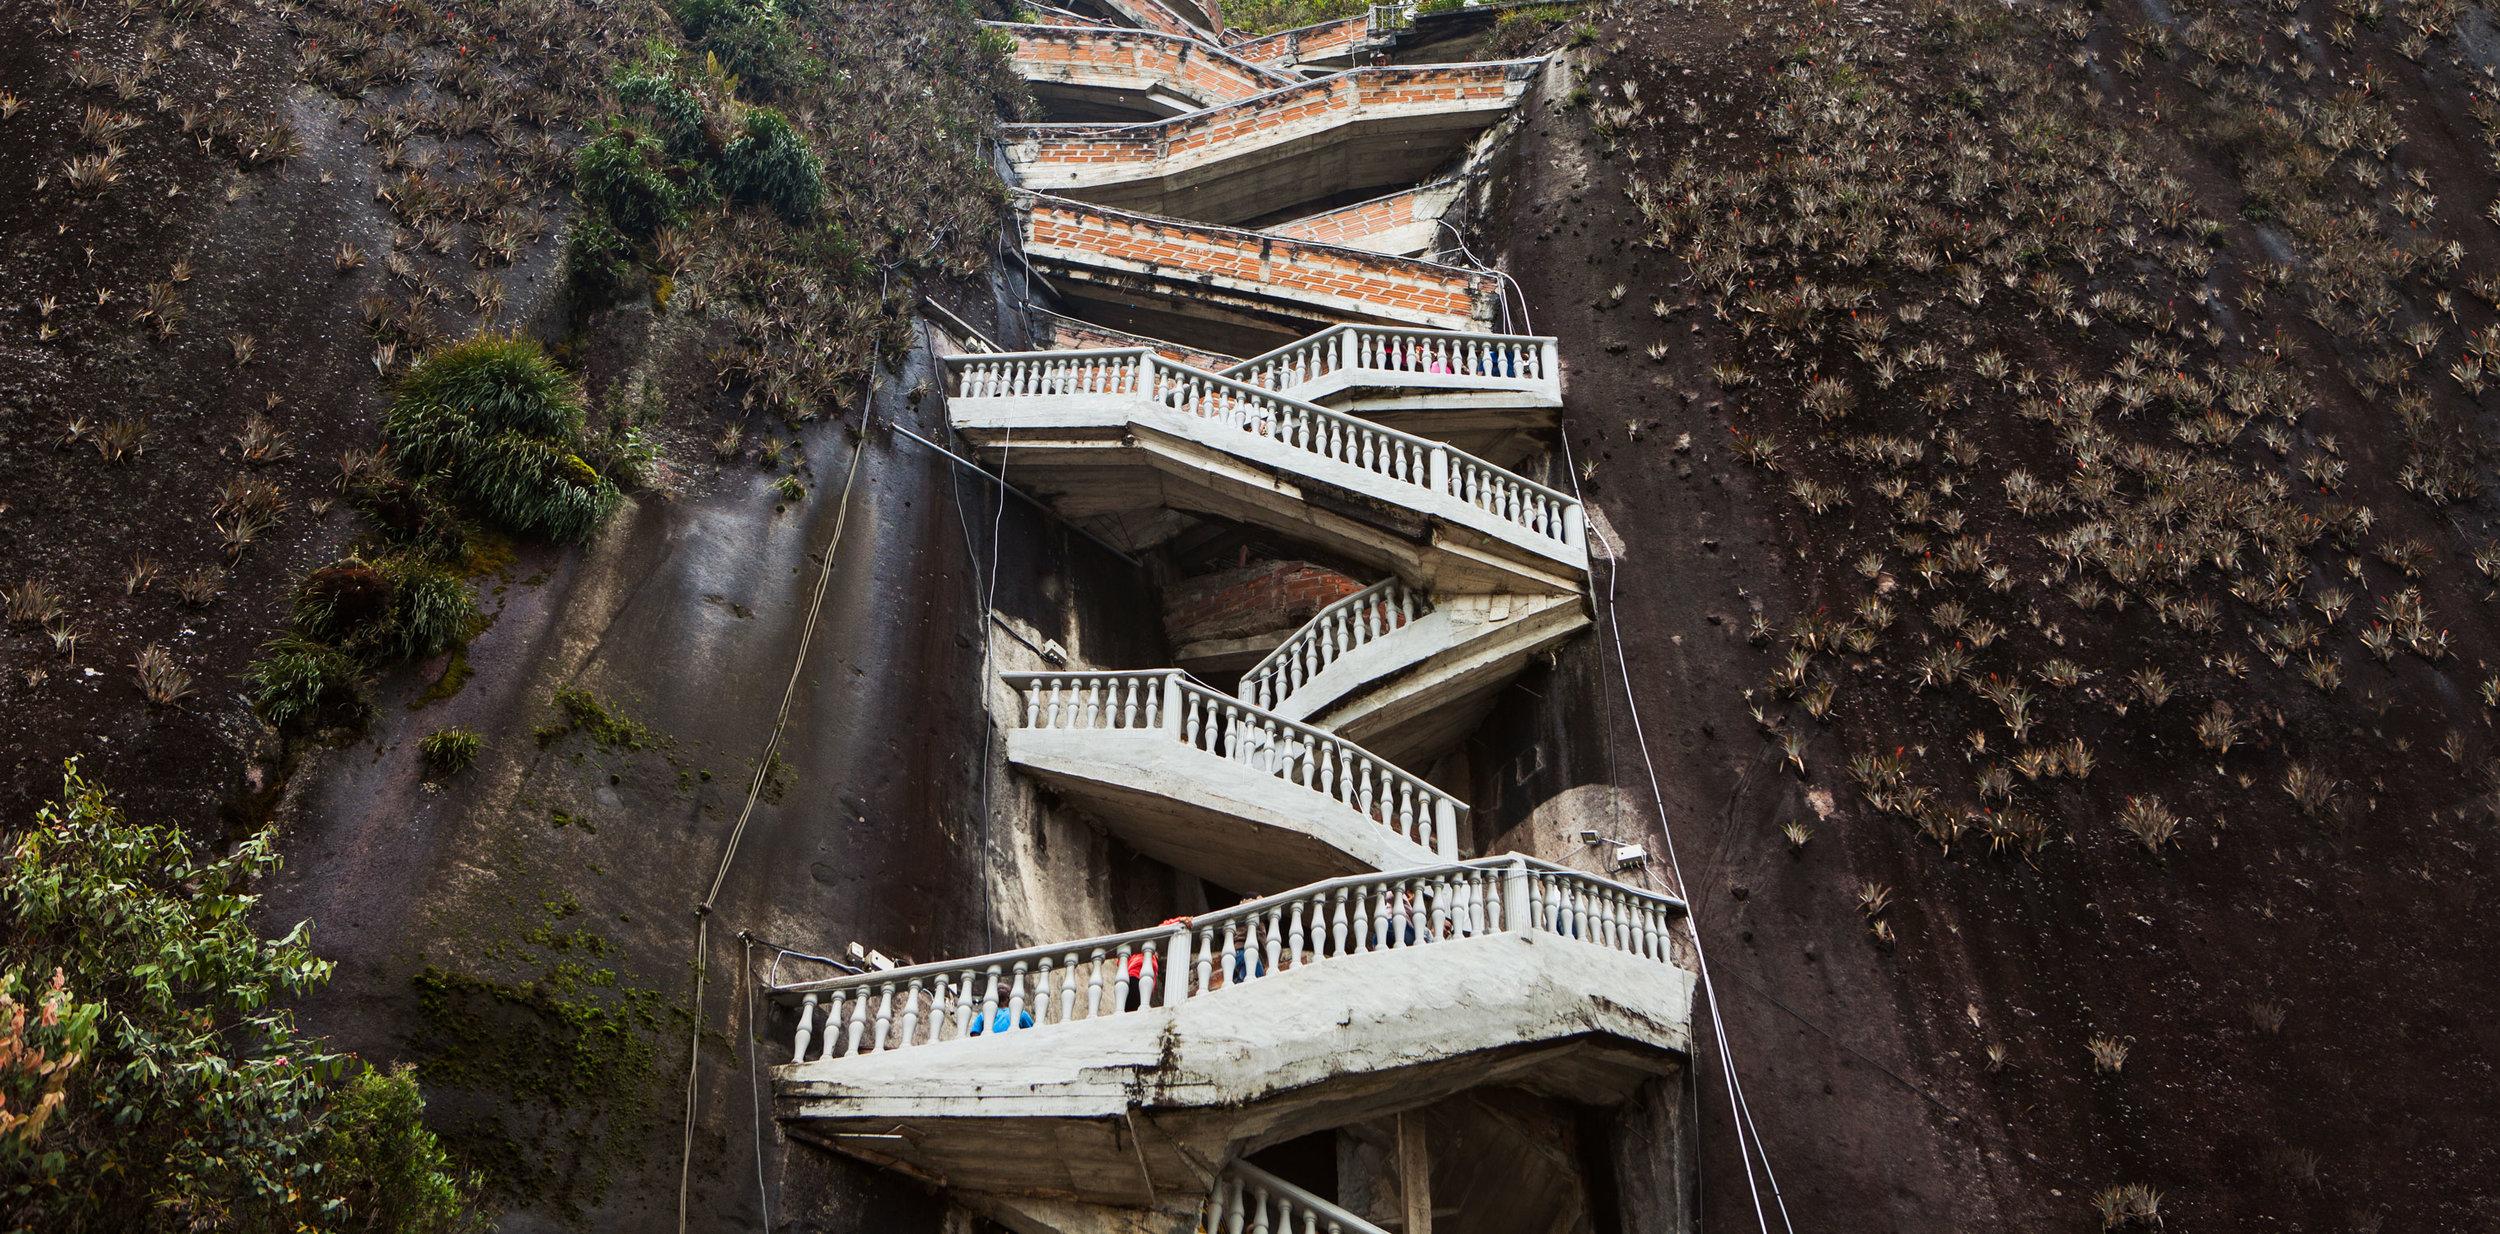 el-penol-guatape-colombia-wander-south-stairs.jpg